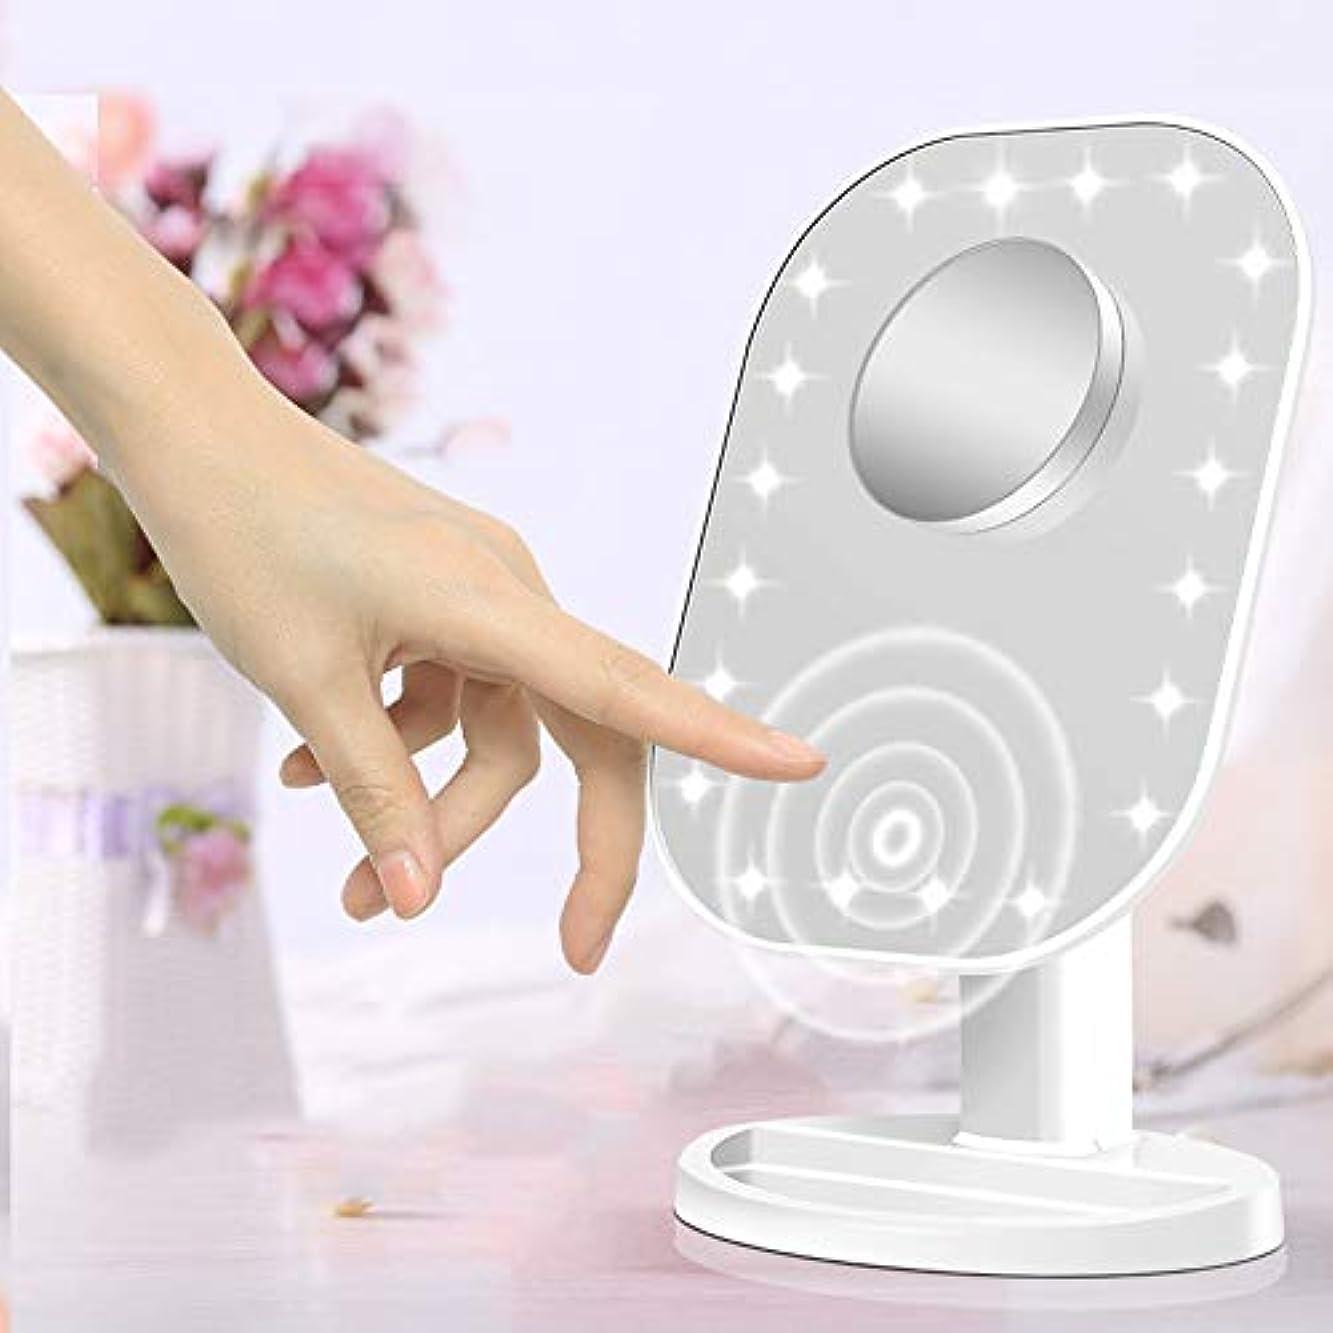 ささやき階請願者流行の 新しいデスクトップクリエイティブタッチセンサーled化粧鏡10倍拡大美容化粧鏡フィルライト化粧鏡ピンクホワイト (色 : Pink)